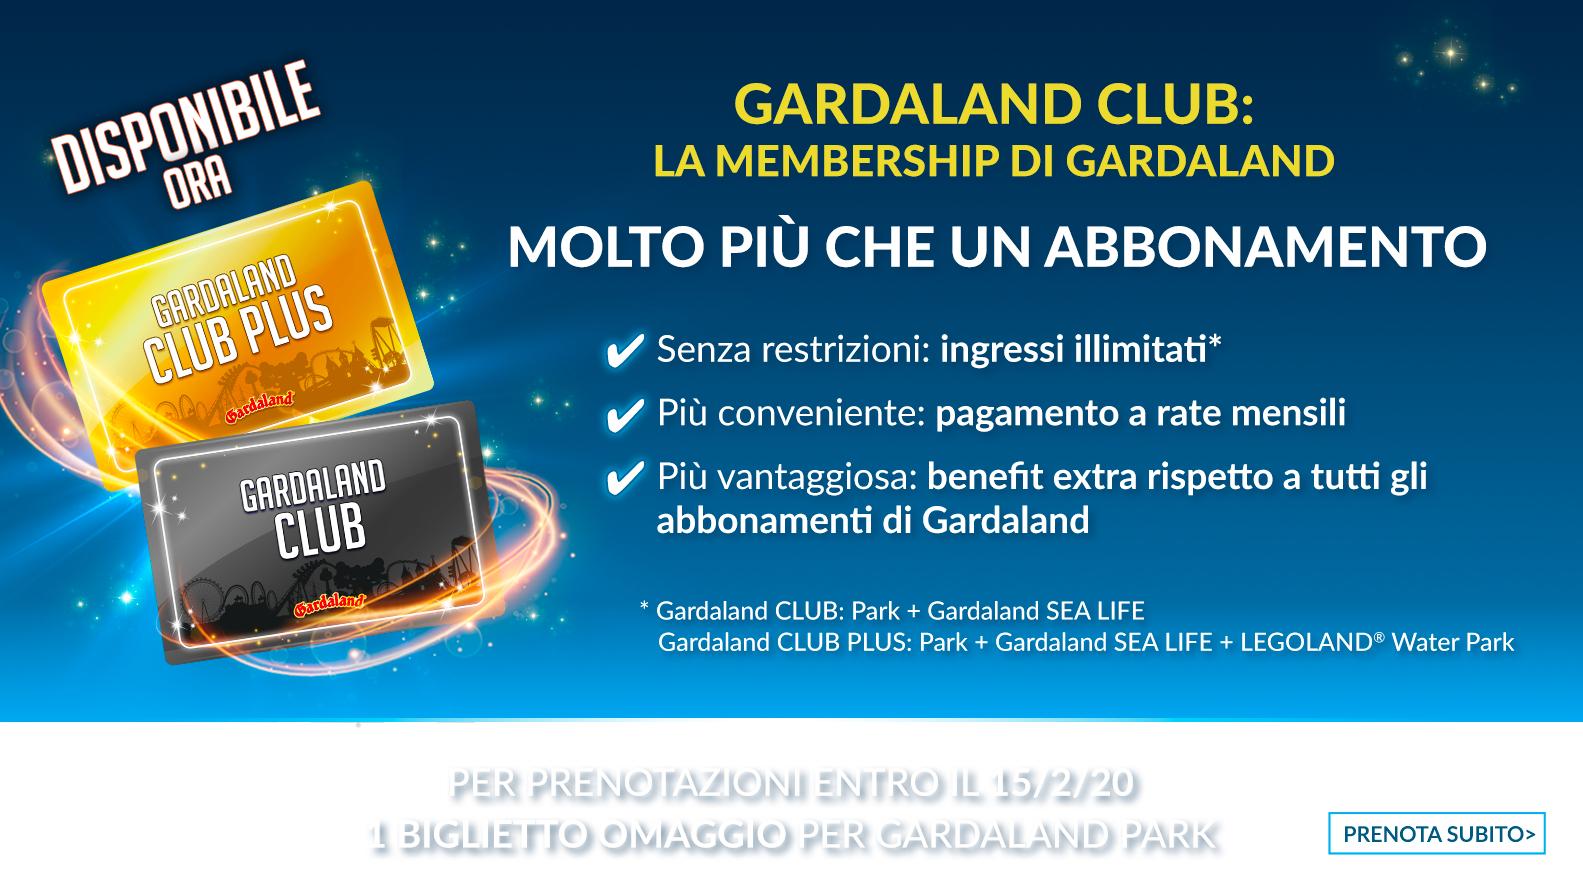 Abbonamento Gardaland Club